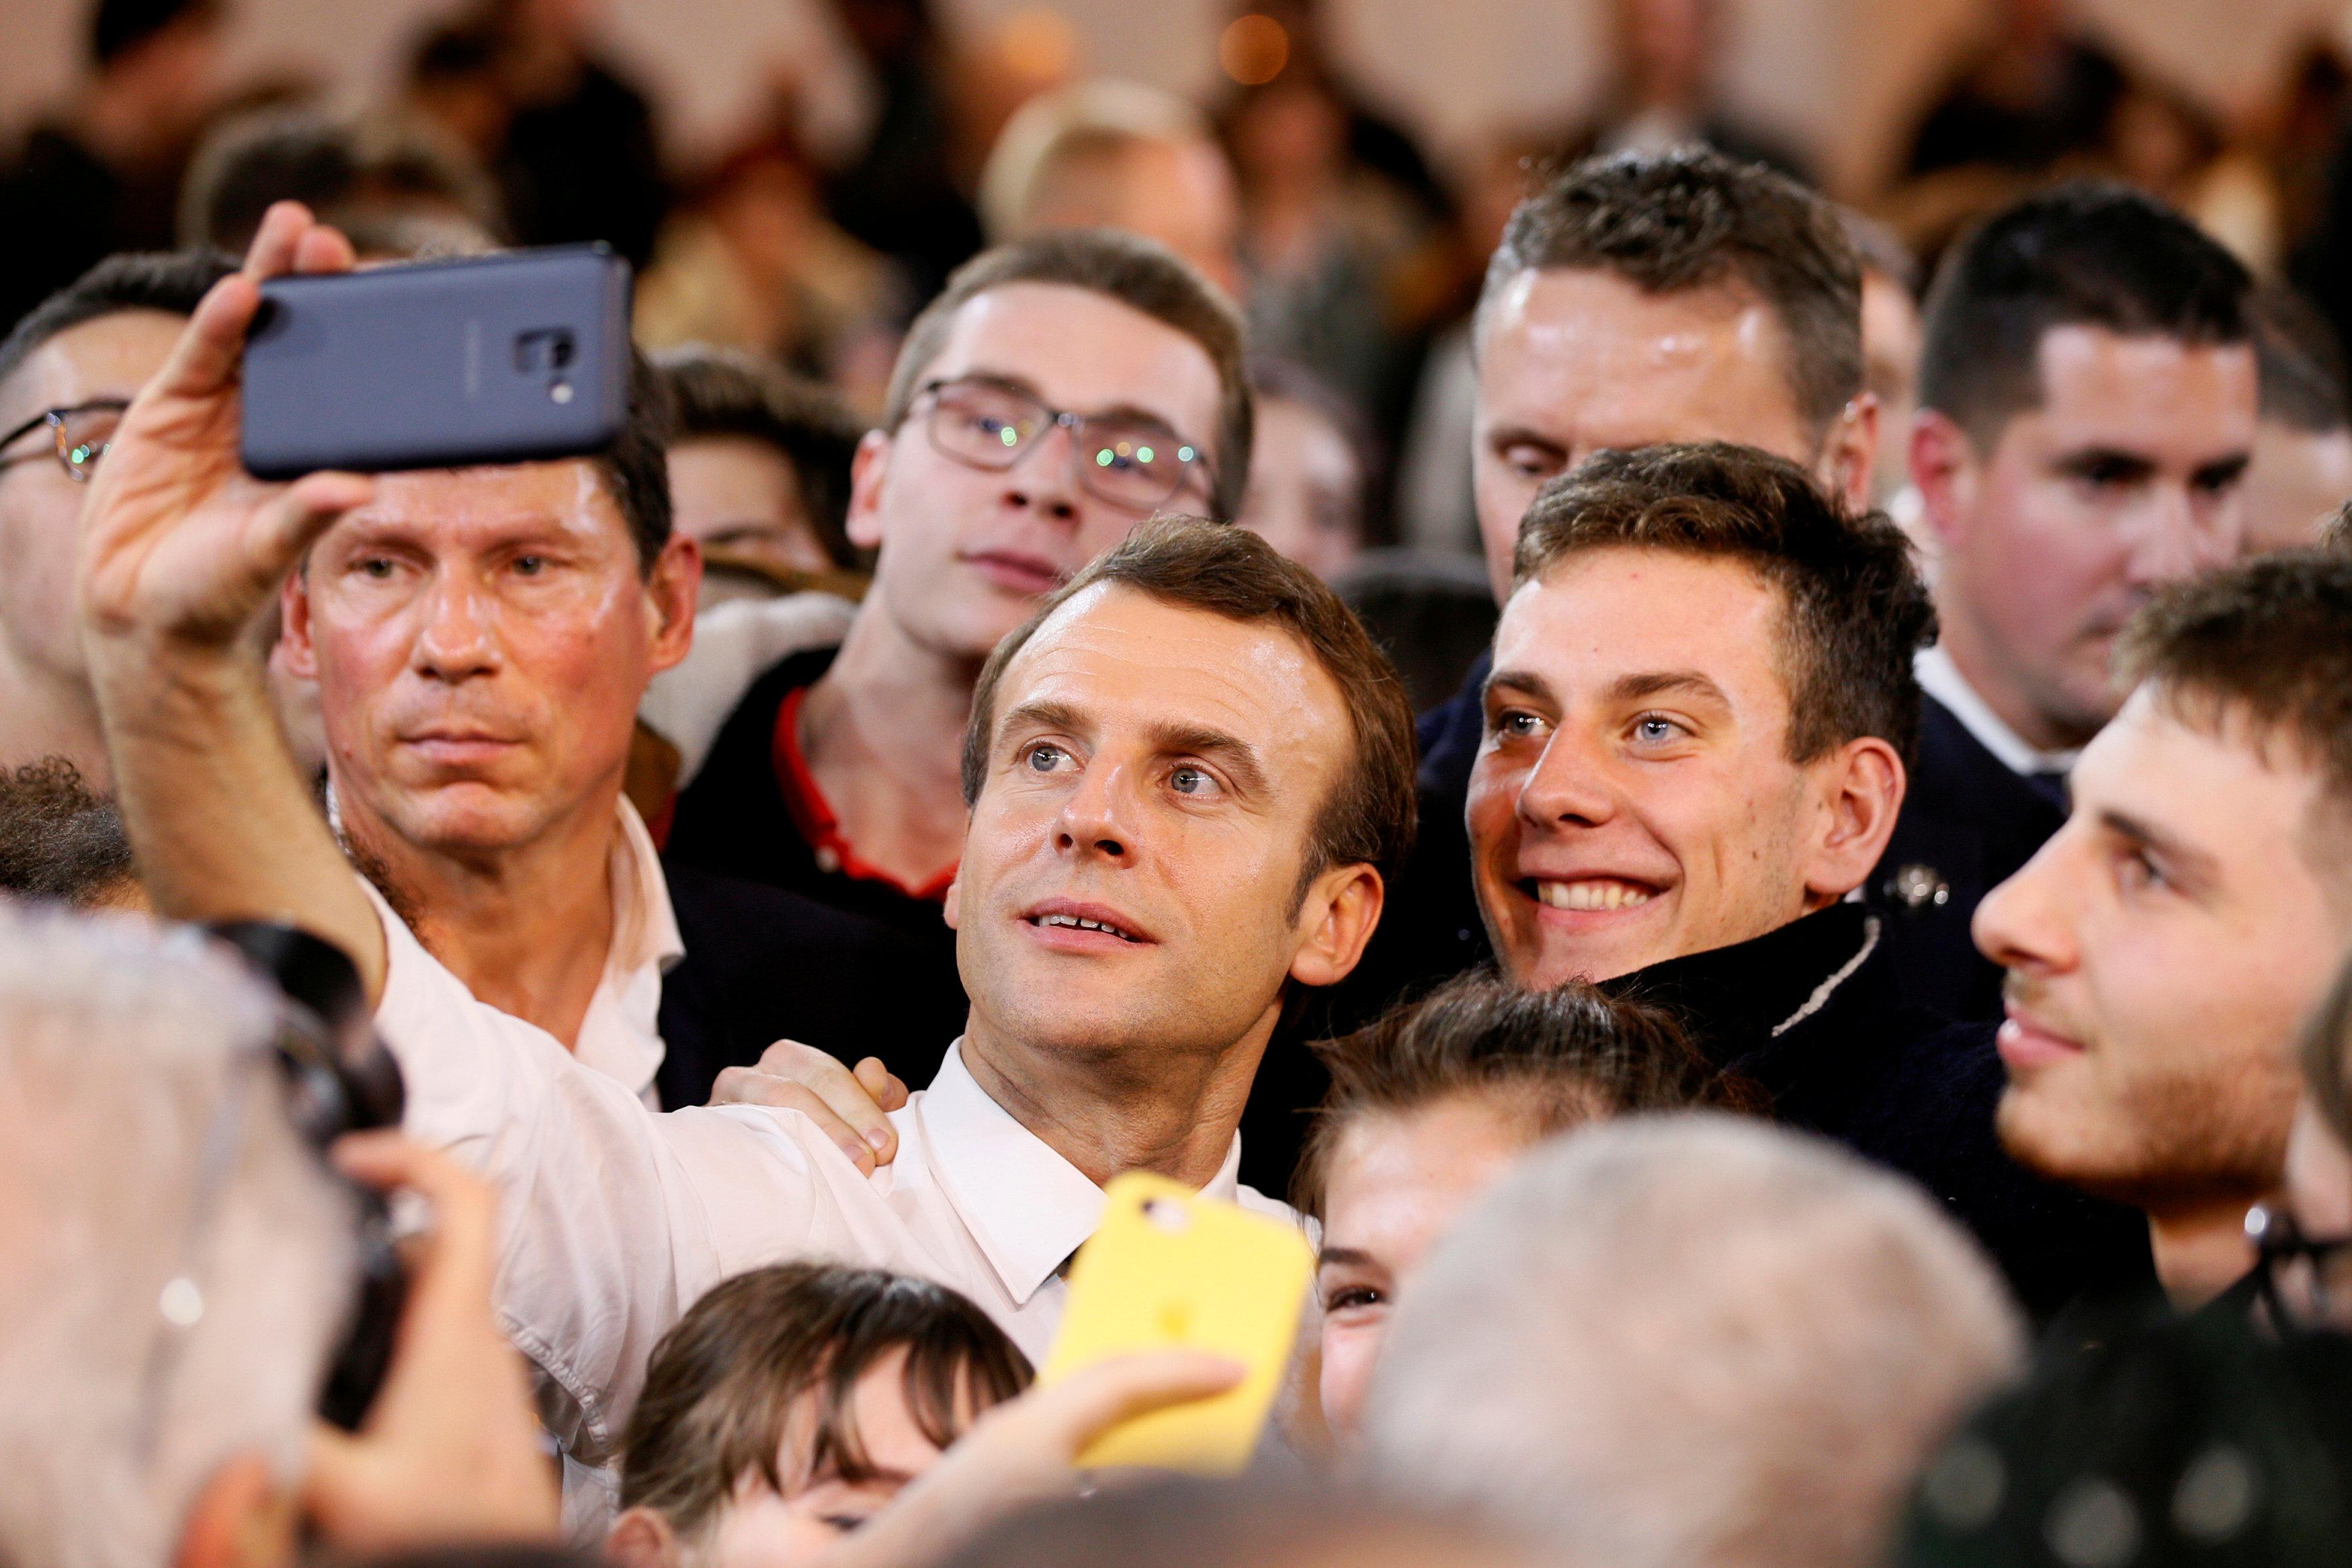 سيلفى للرئيس الفرنسى مع الشباب